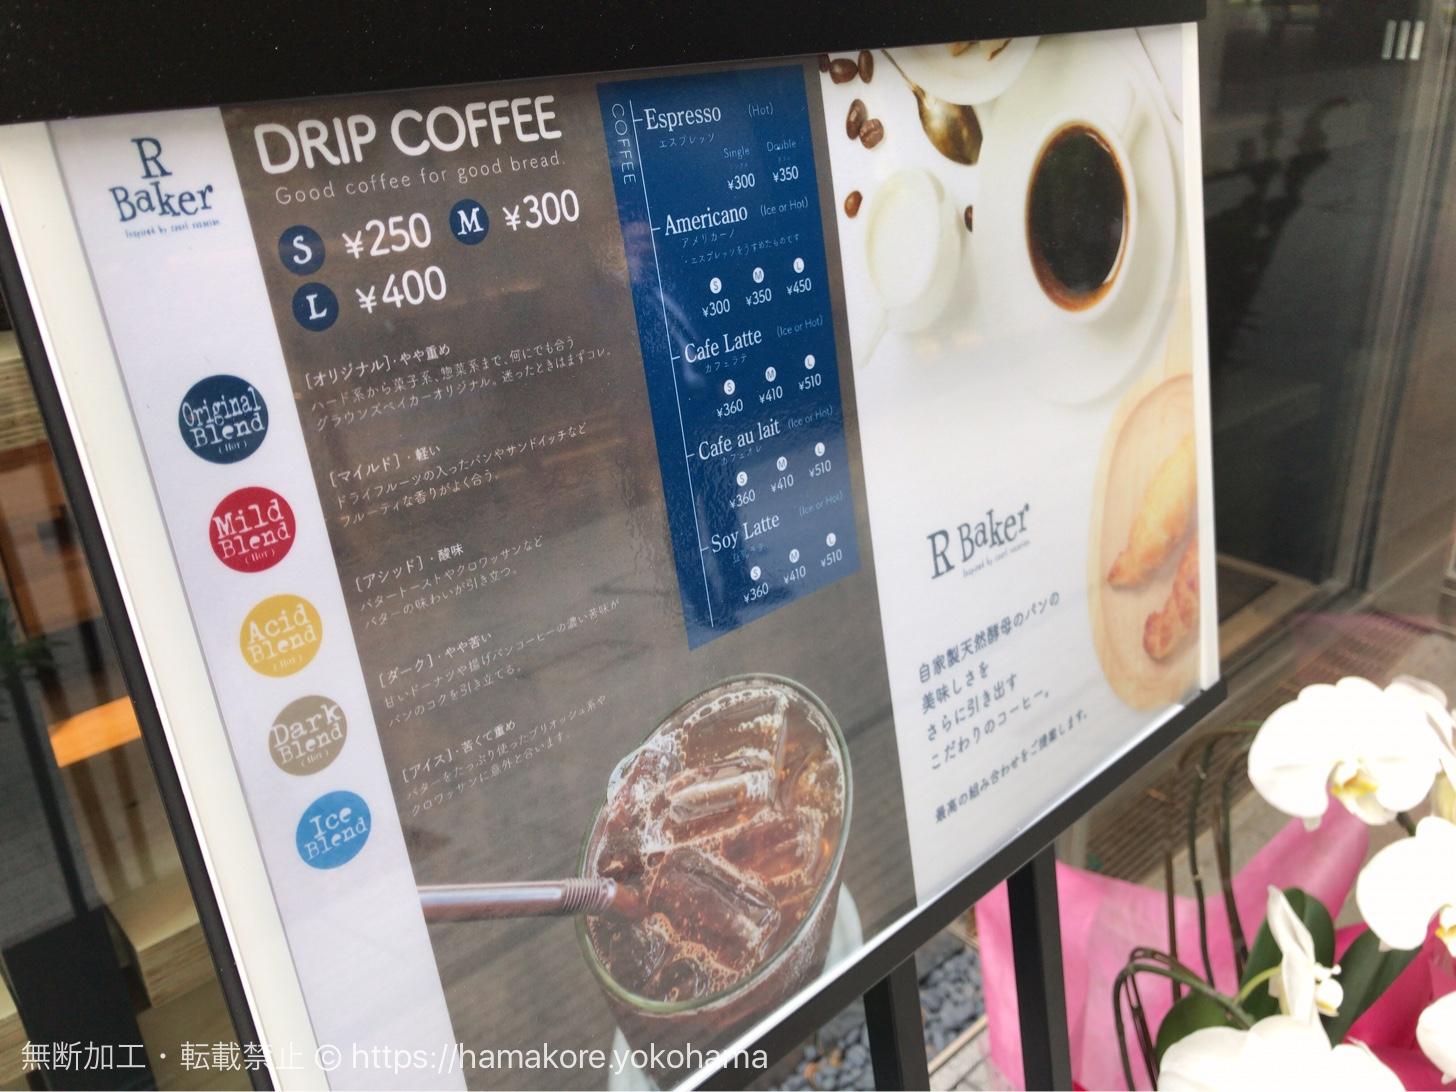 アールベイカー ドリップコーヒーは